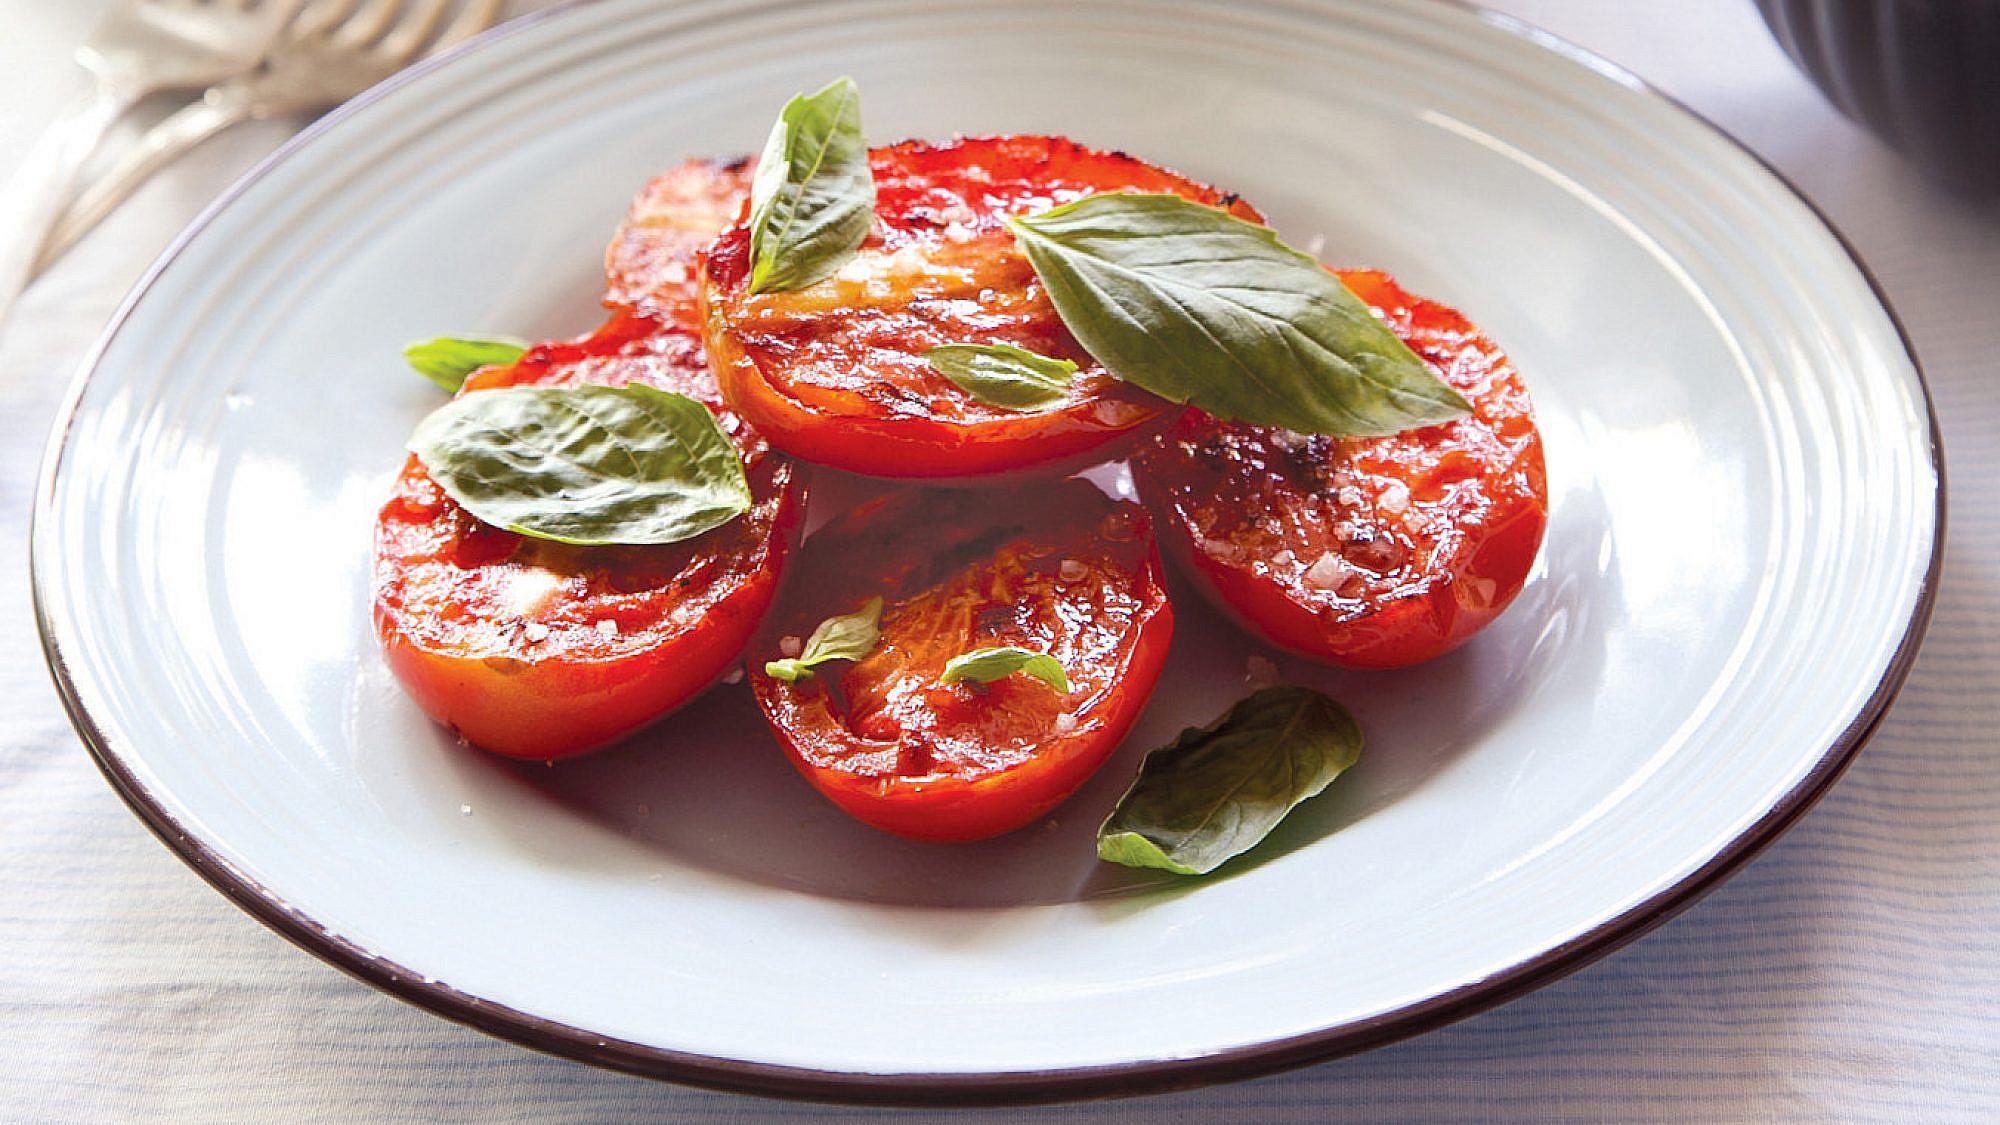 עגבניות צרובות בערק של מיכל מוזס. צילום: דן לב. סטיילינג: אוריה גבע